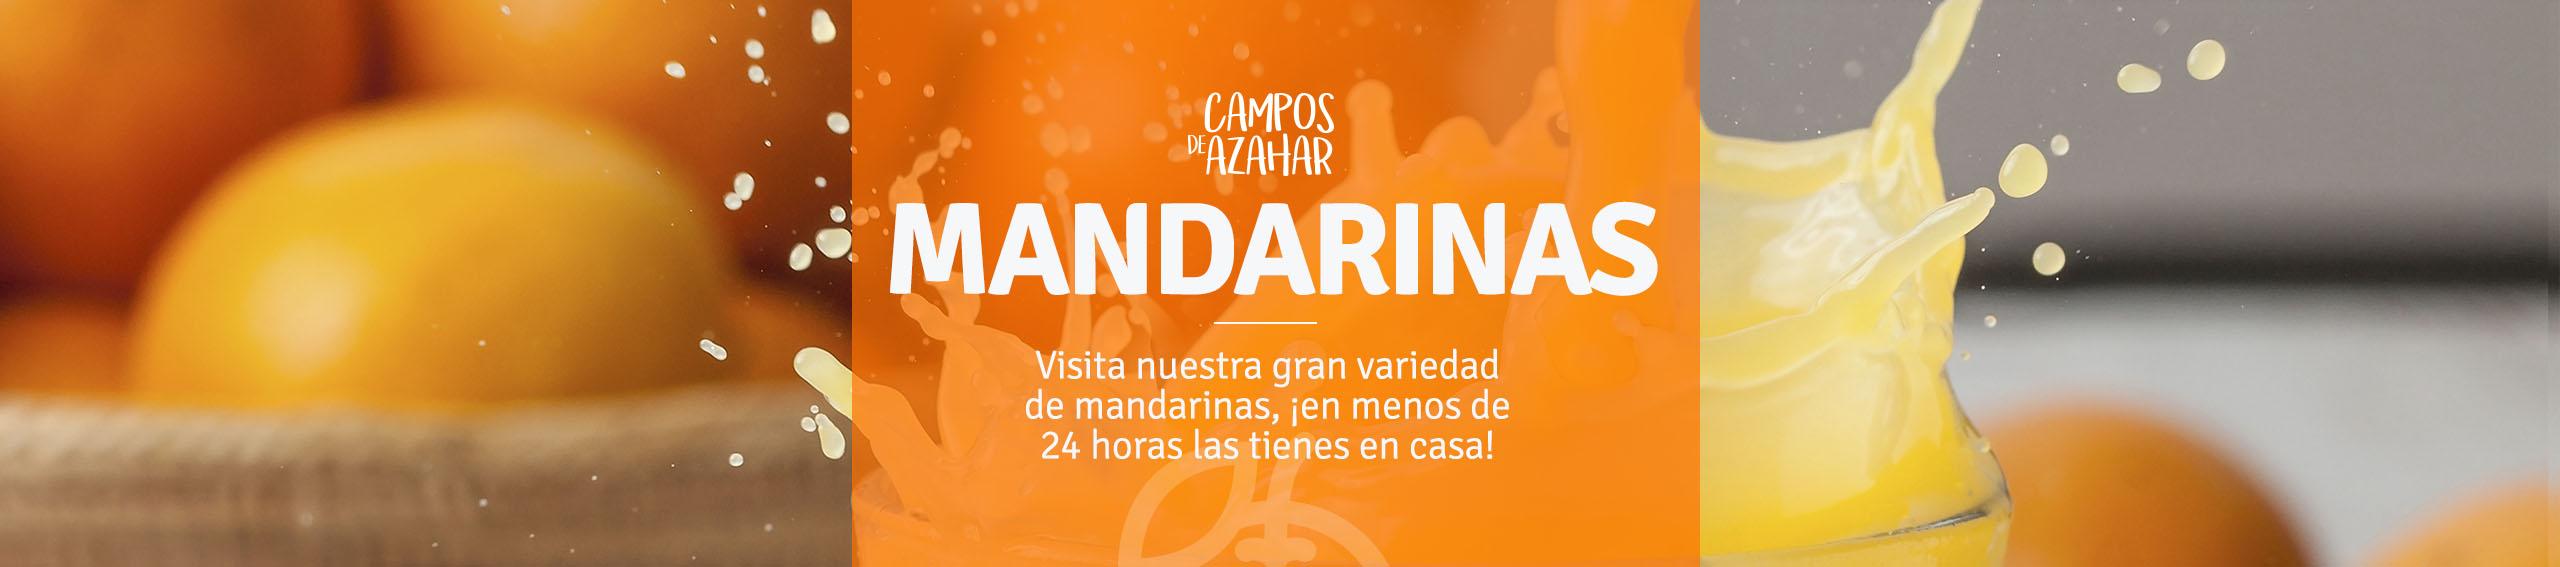 Mandarinas de Campos de Azahar